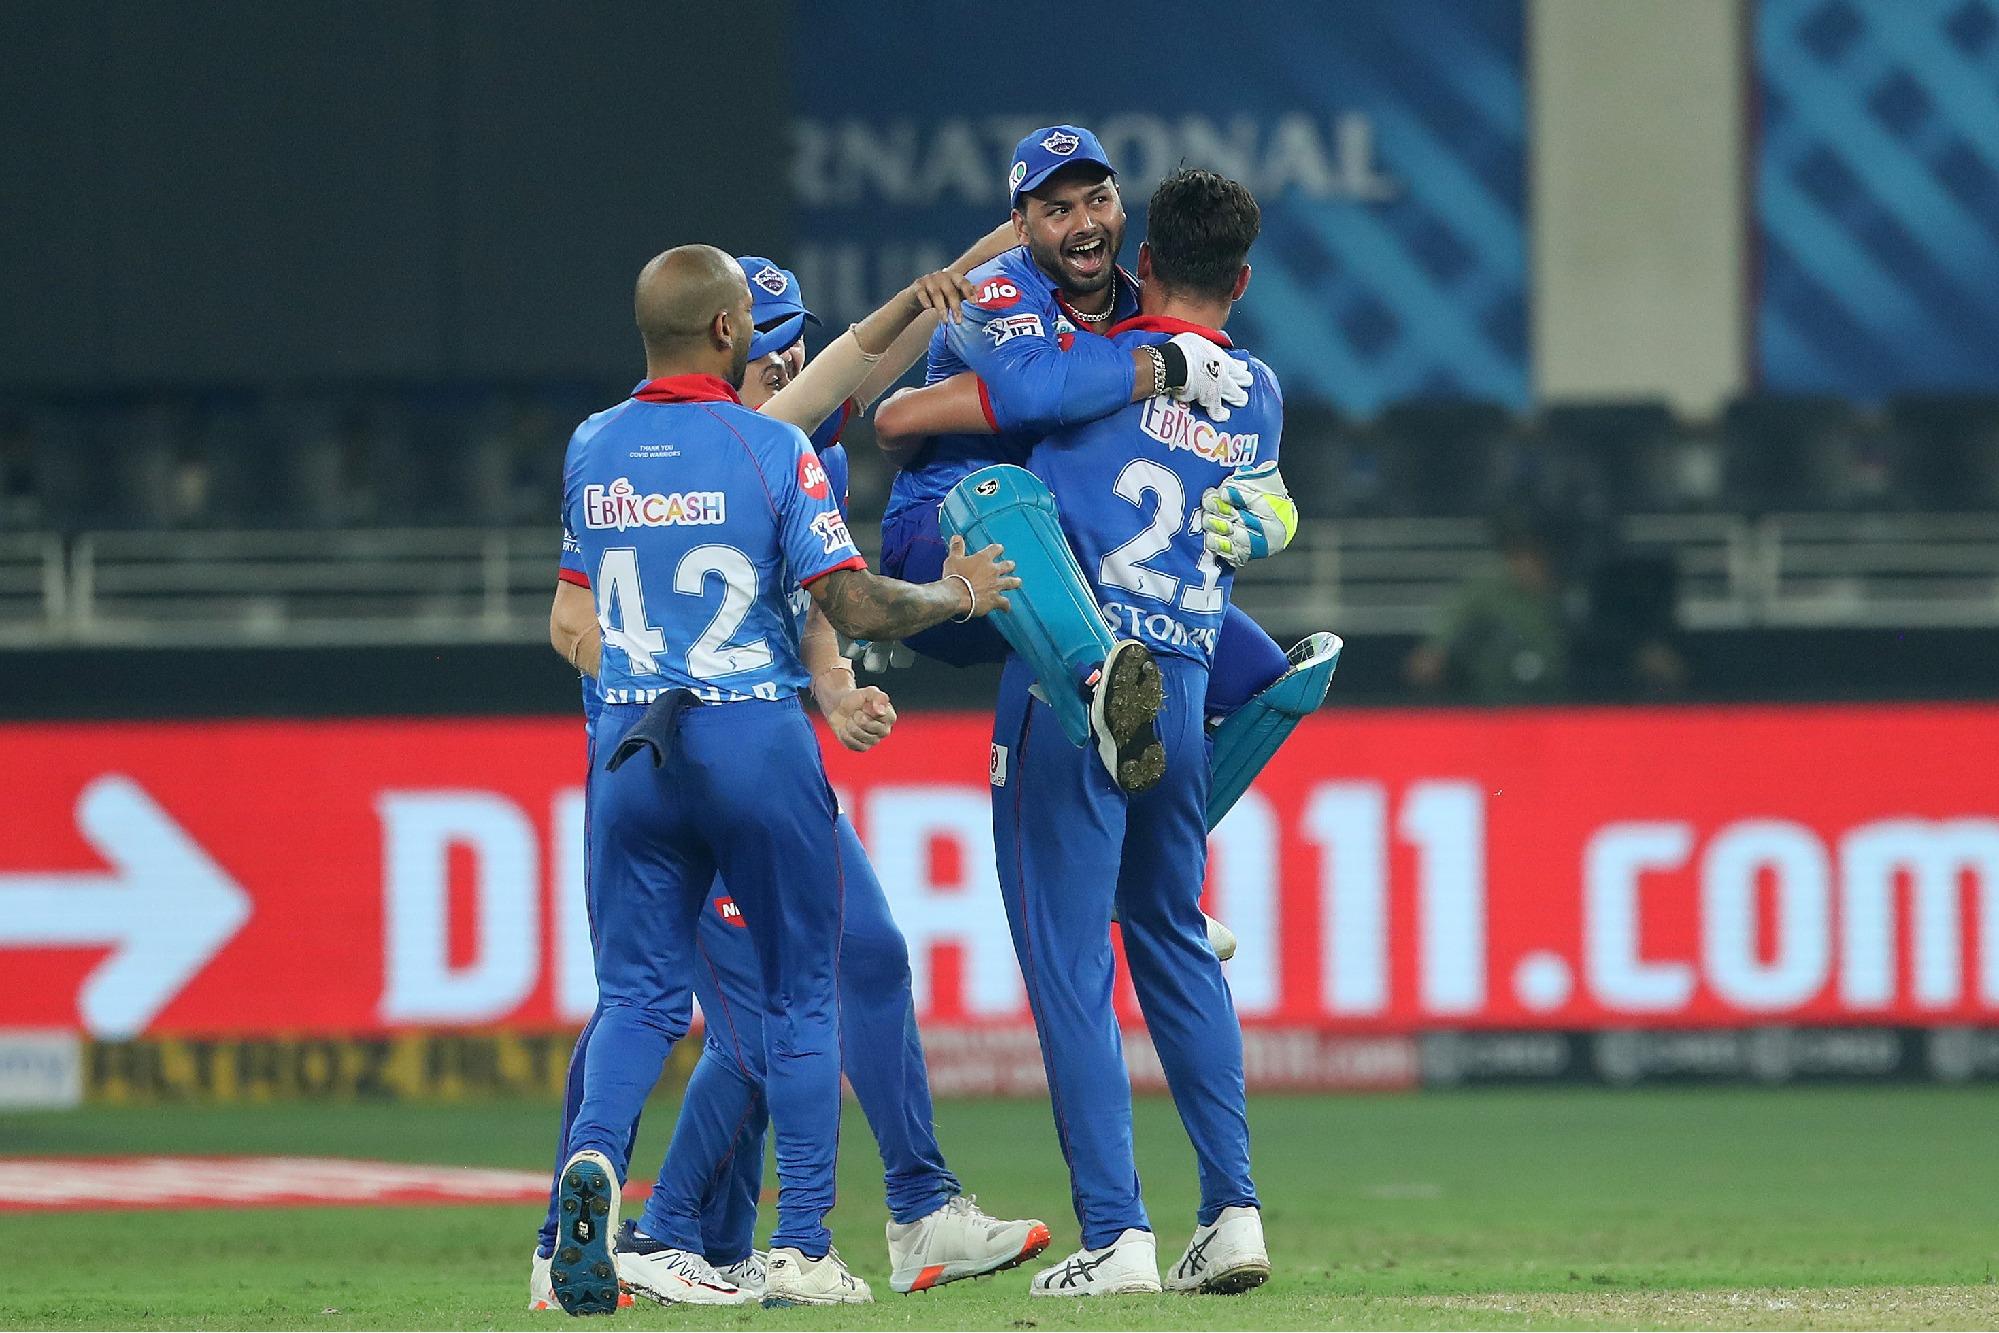 Delhi Capital won Super over